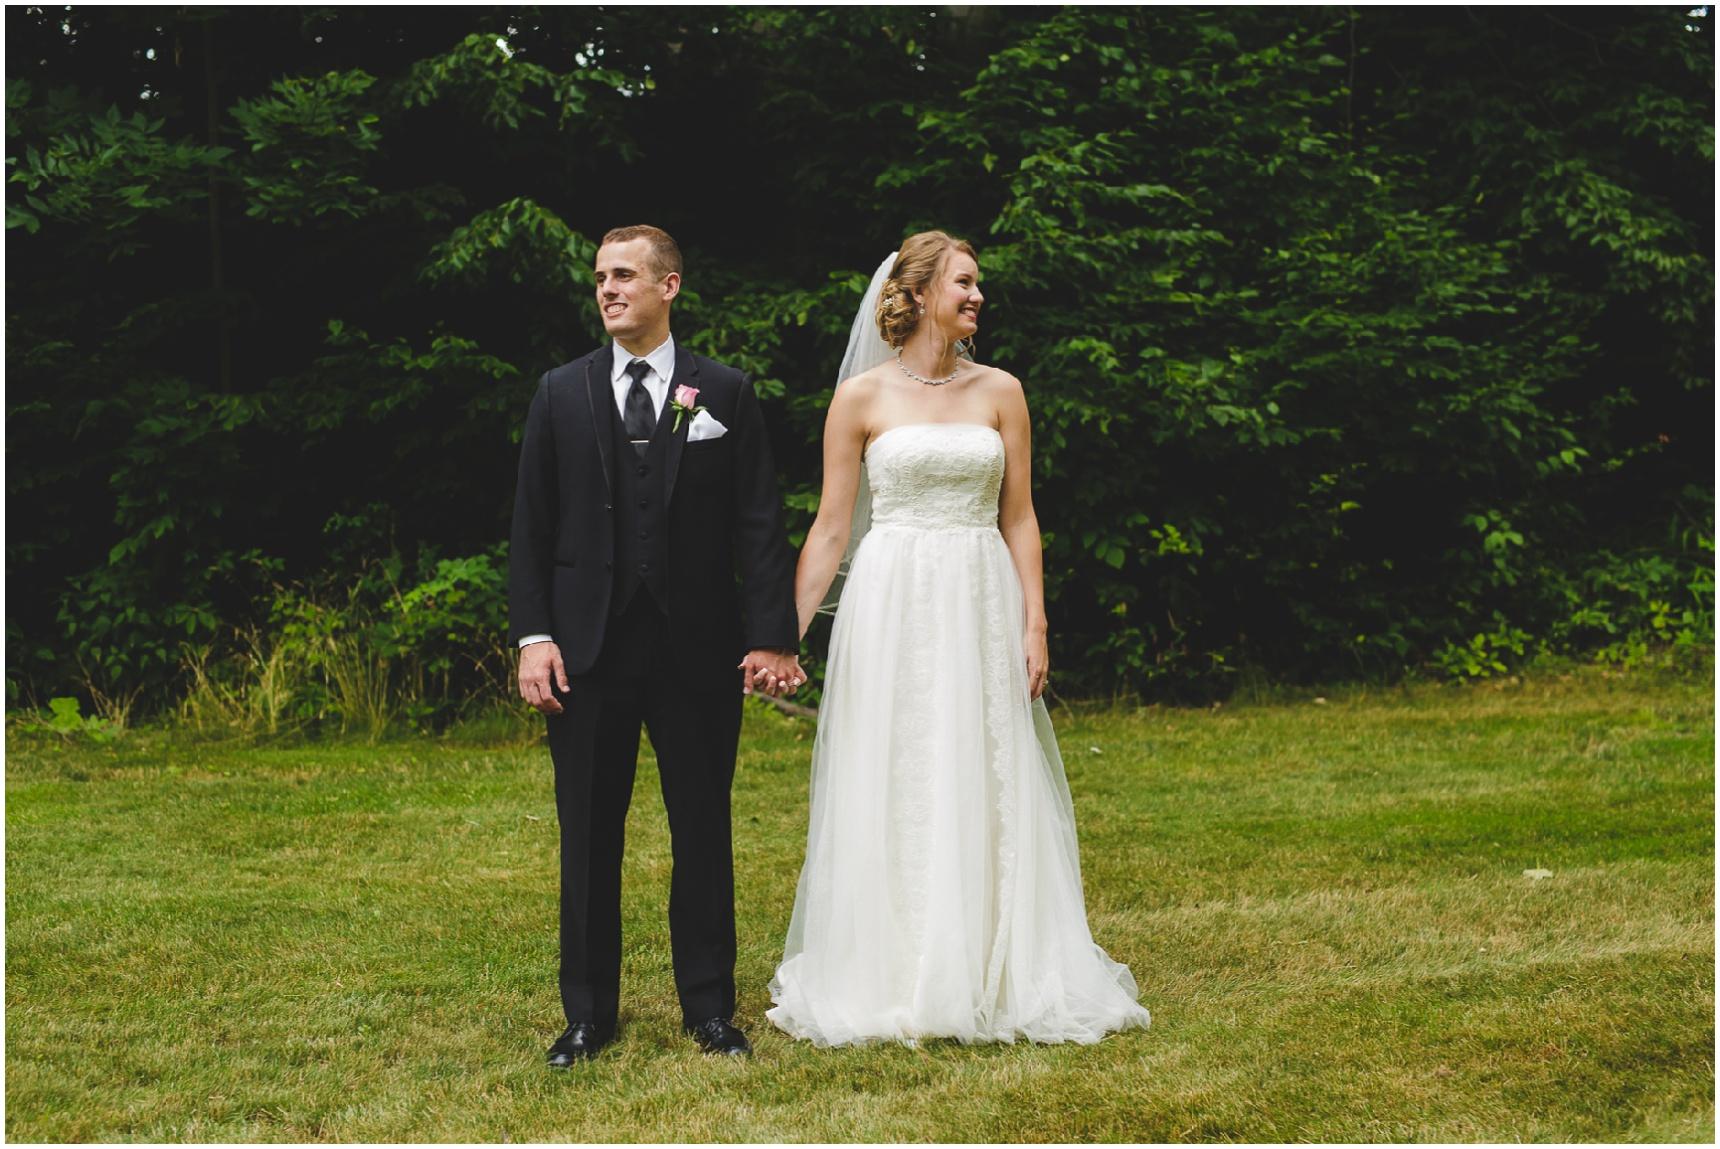 Buffalo-Avanti-Wedding-Photographer_044.jpg